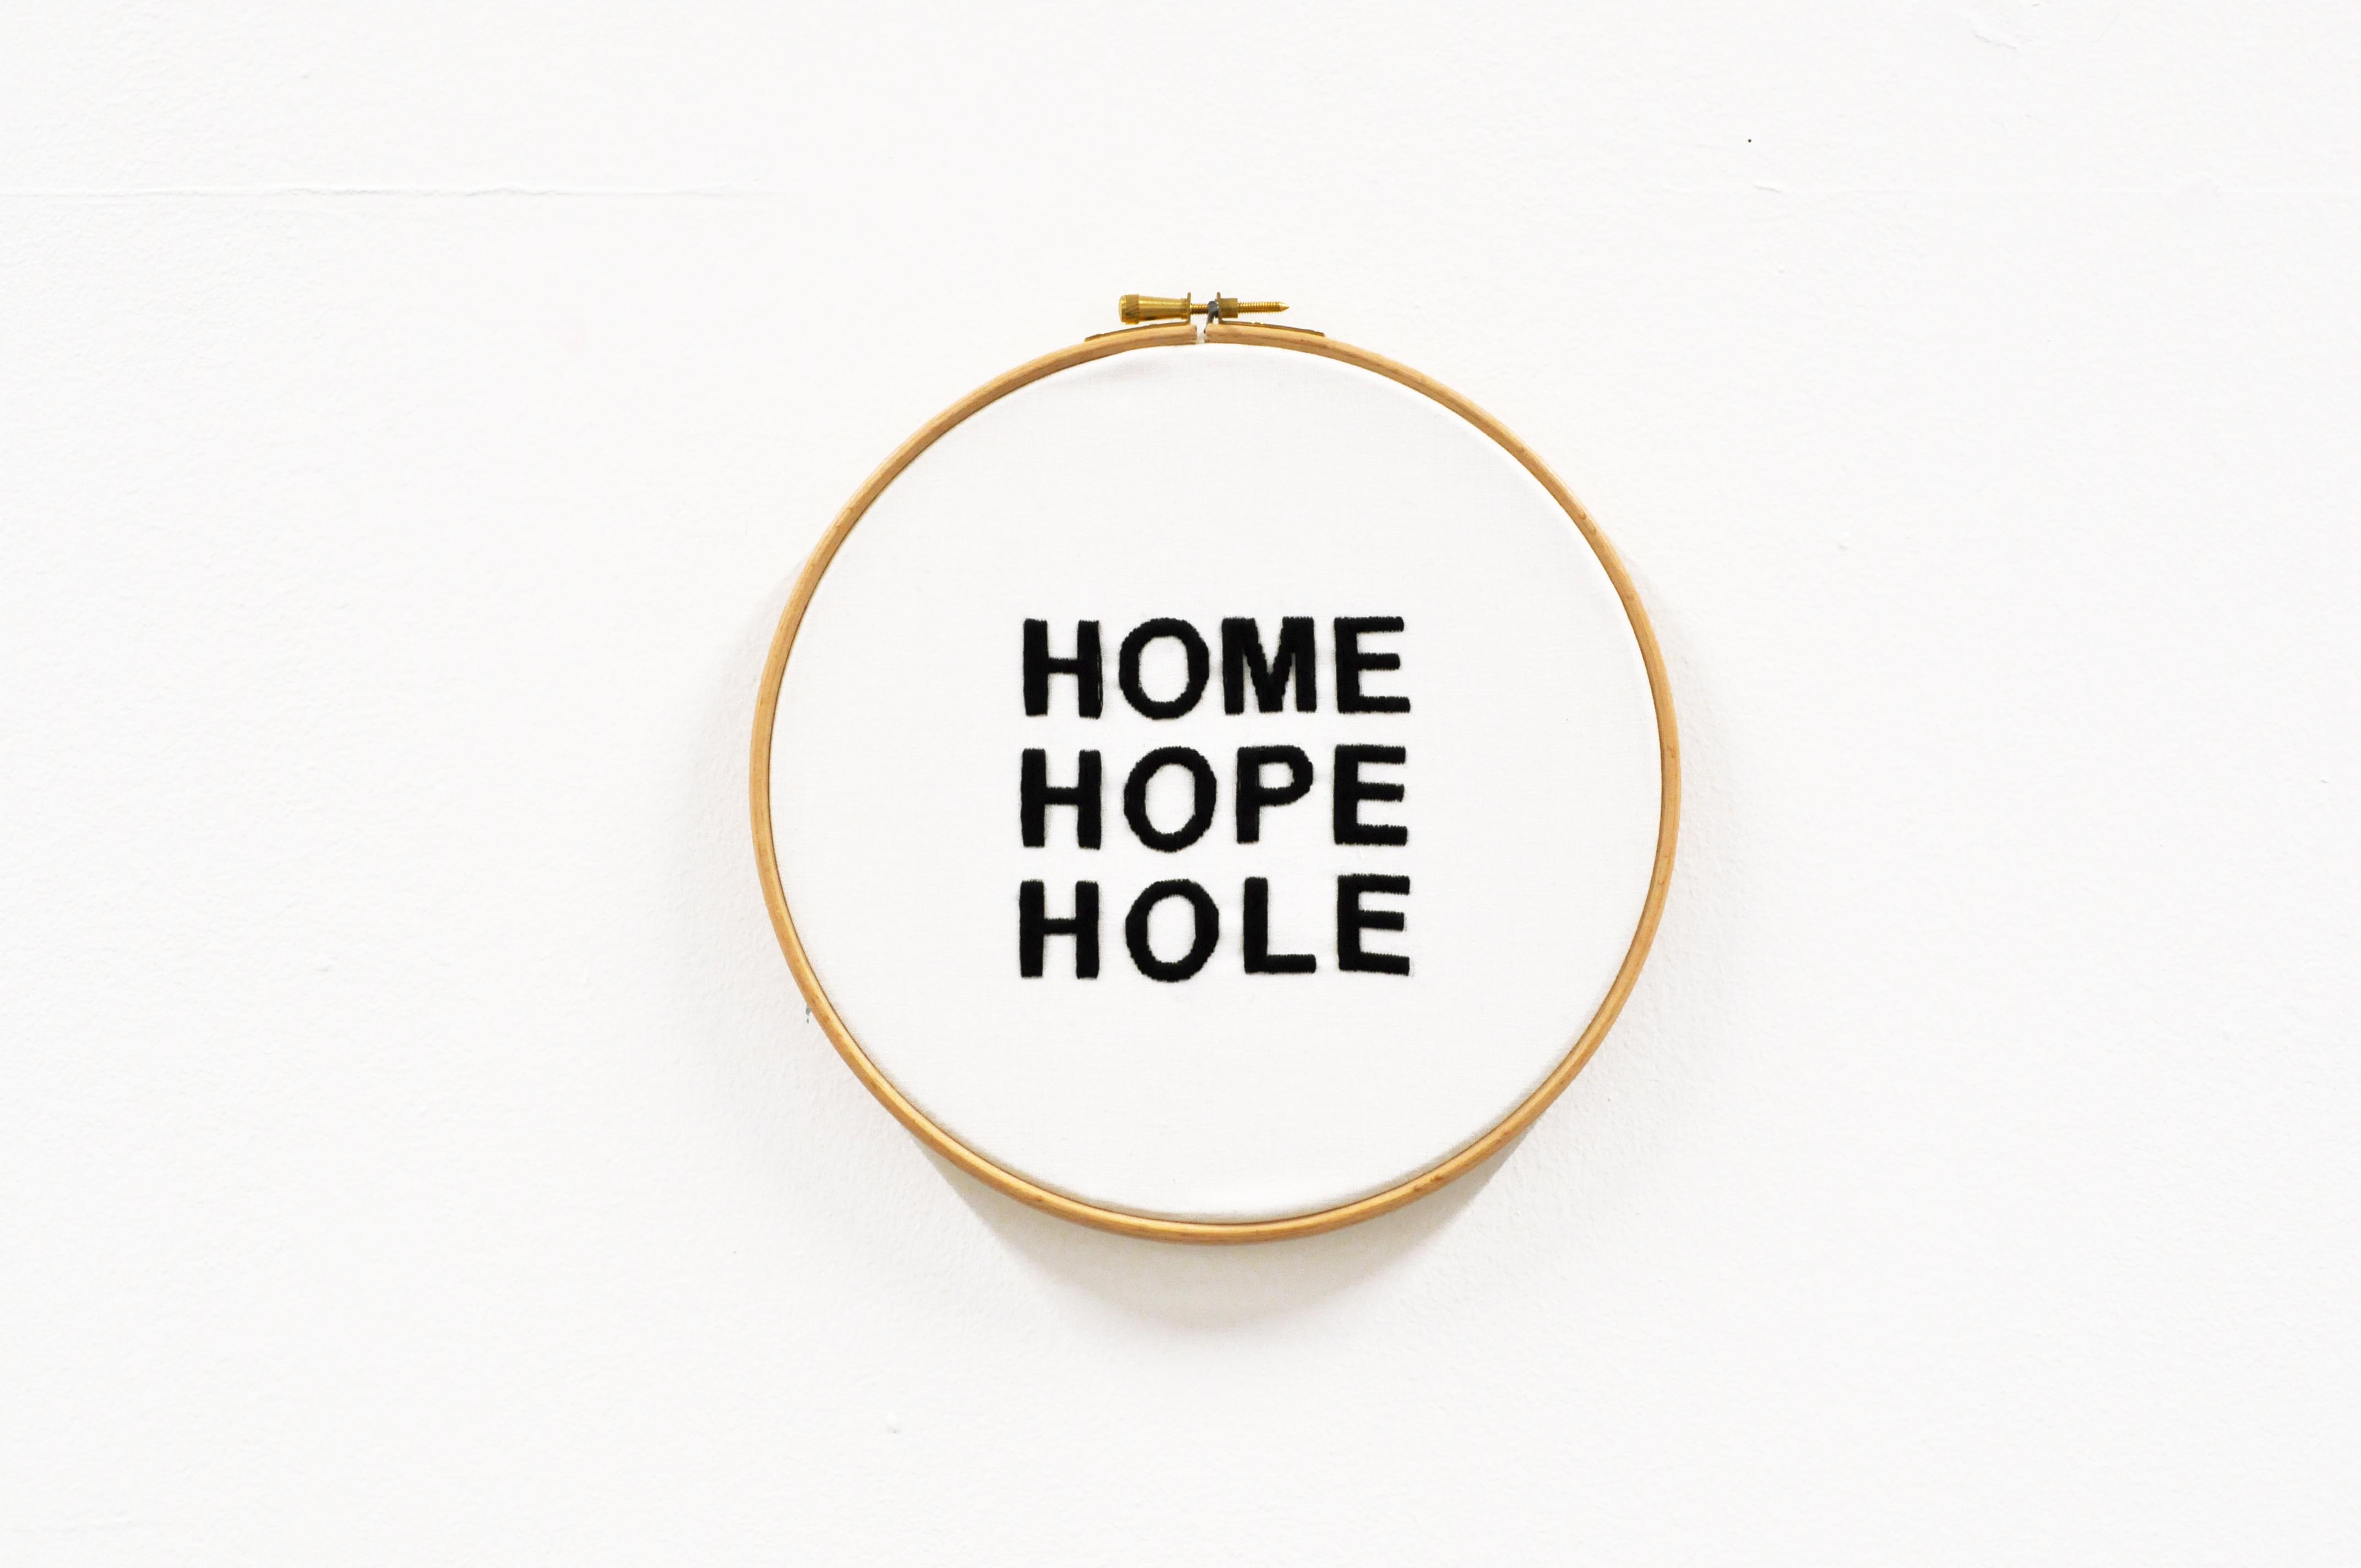 Home Hope Hole